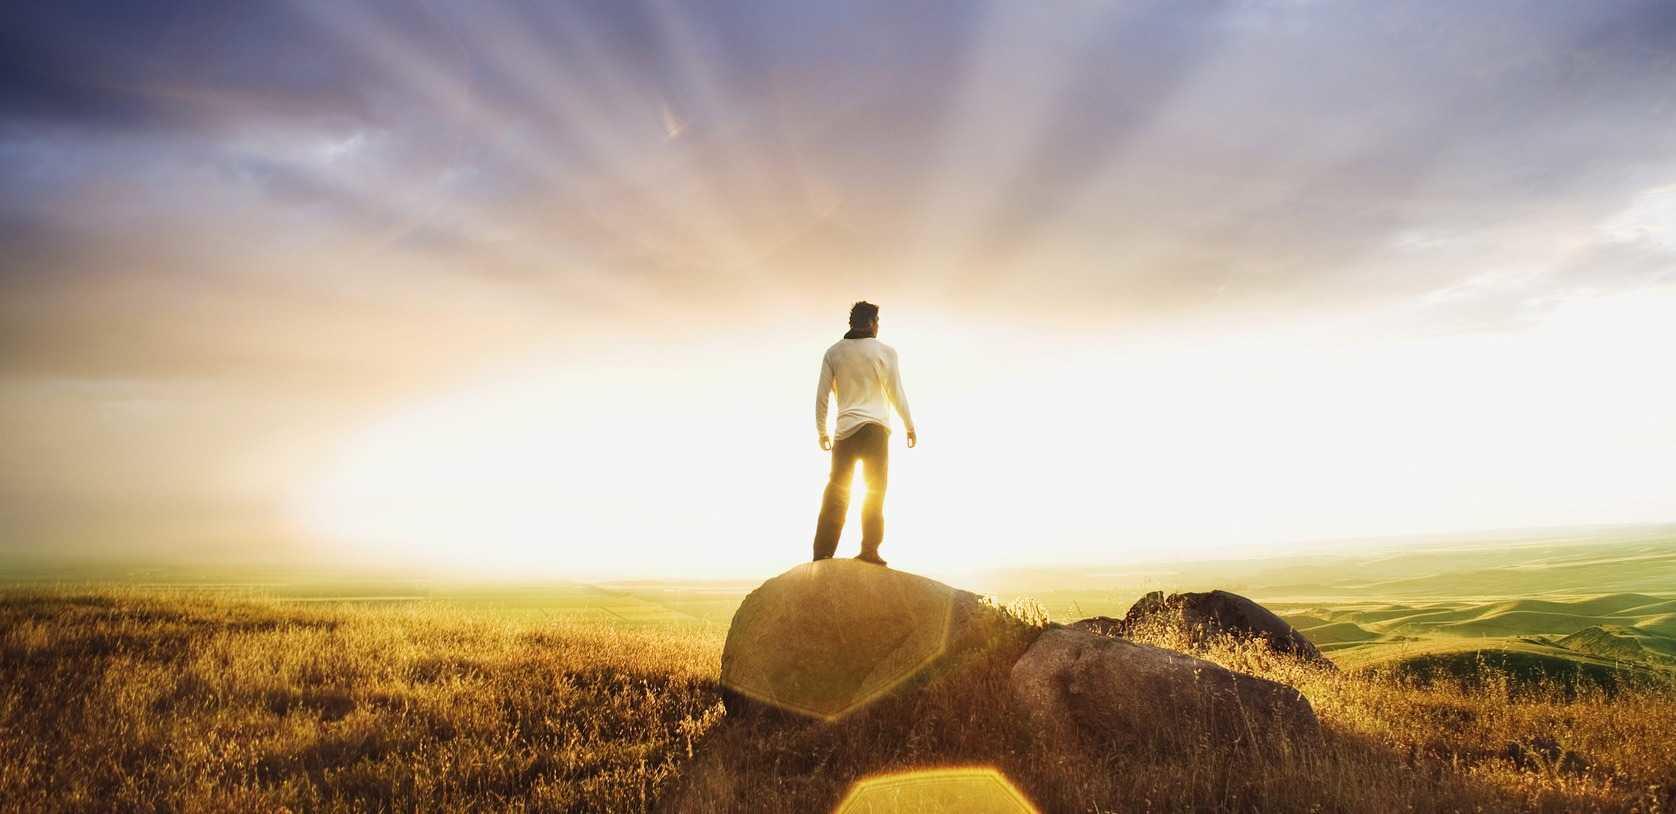 * Споглядання Душі і Духа - звернення | медитація | молитва) - майстер Антон Кузнецов *